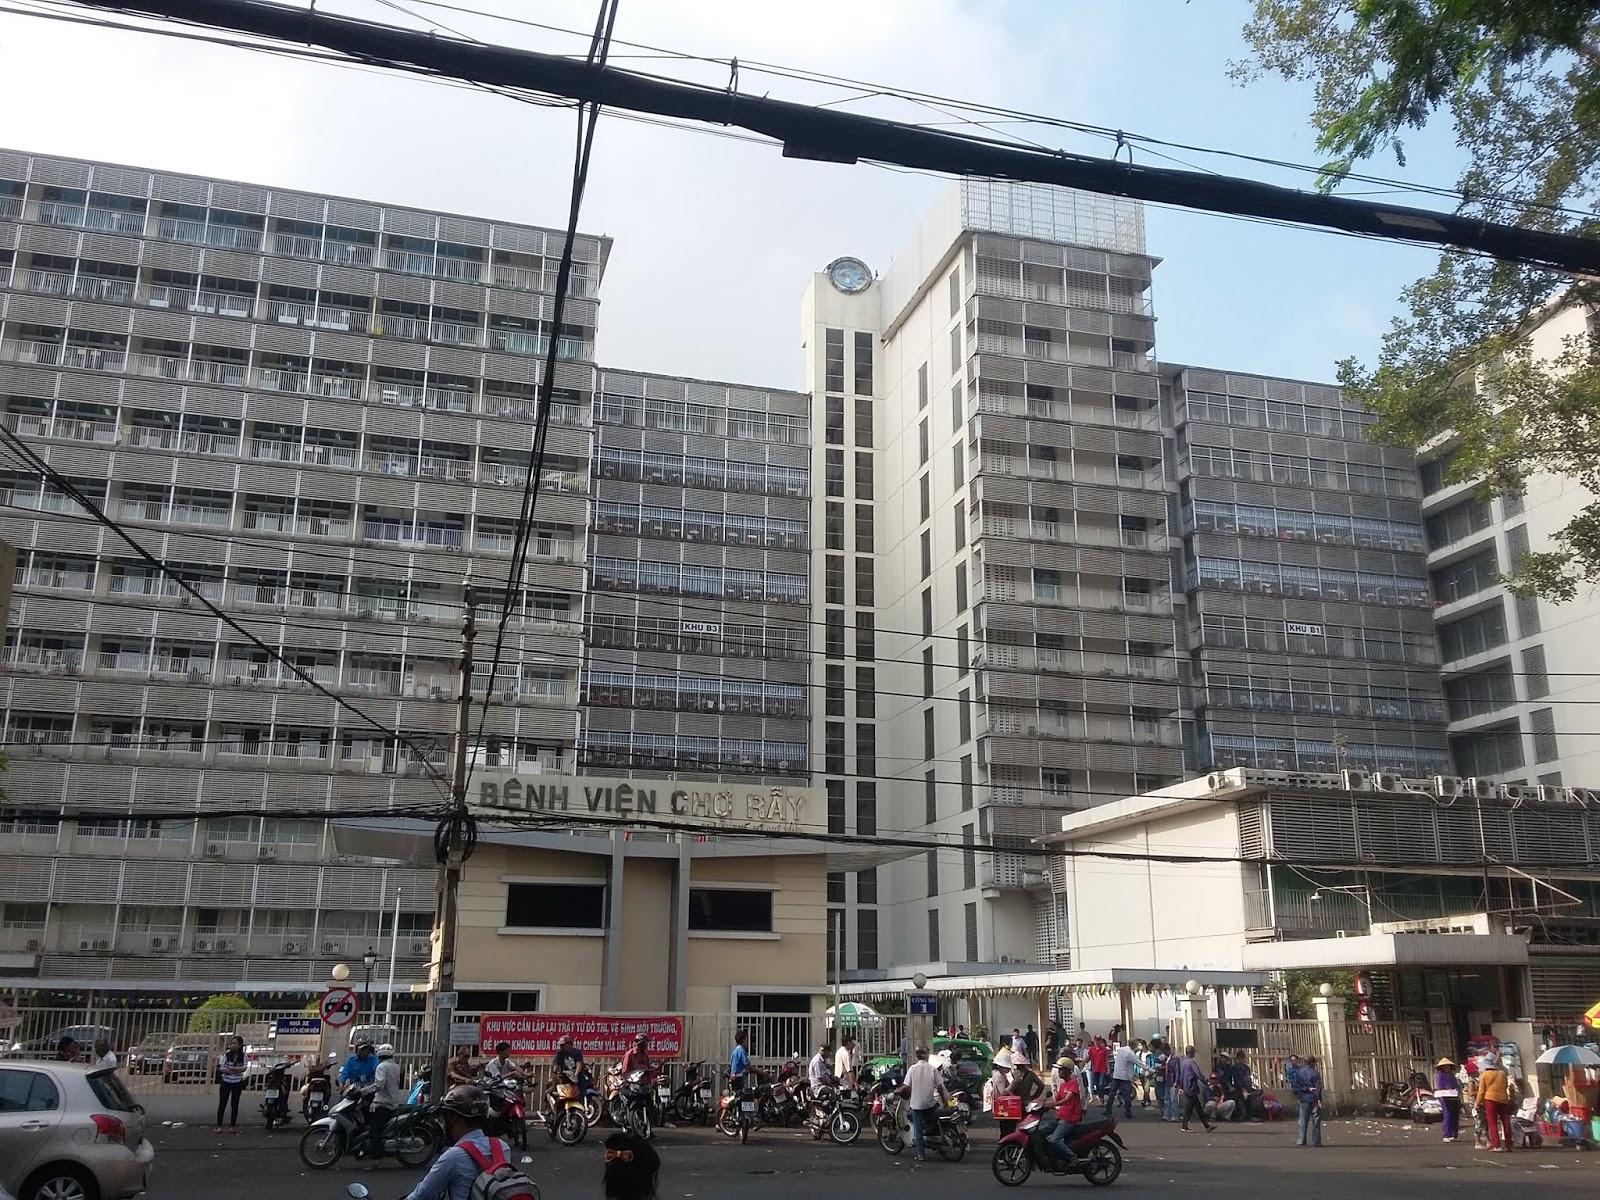 Bệnh viện CHỢ RẪY, Saigon